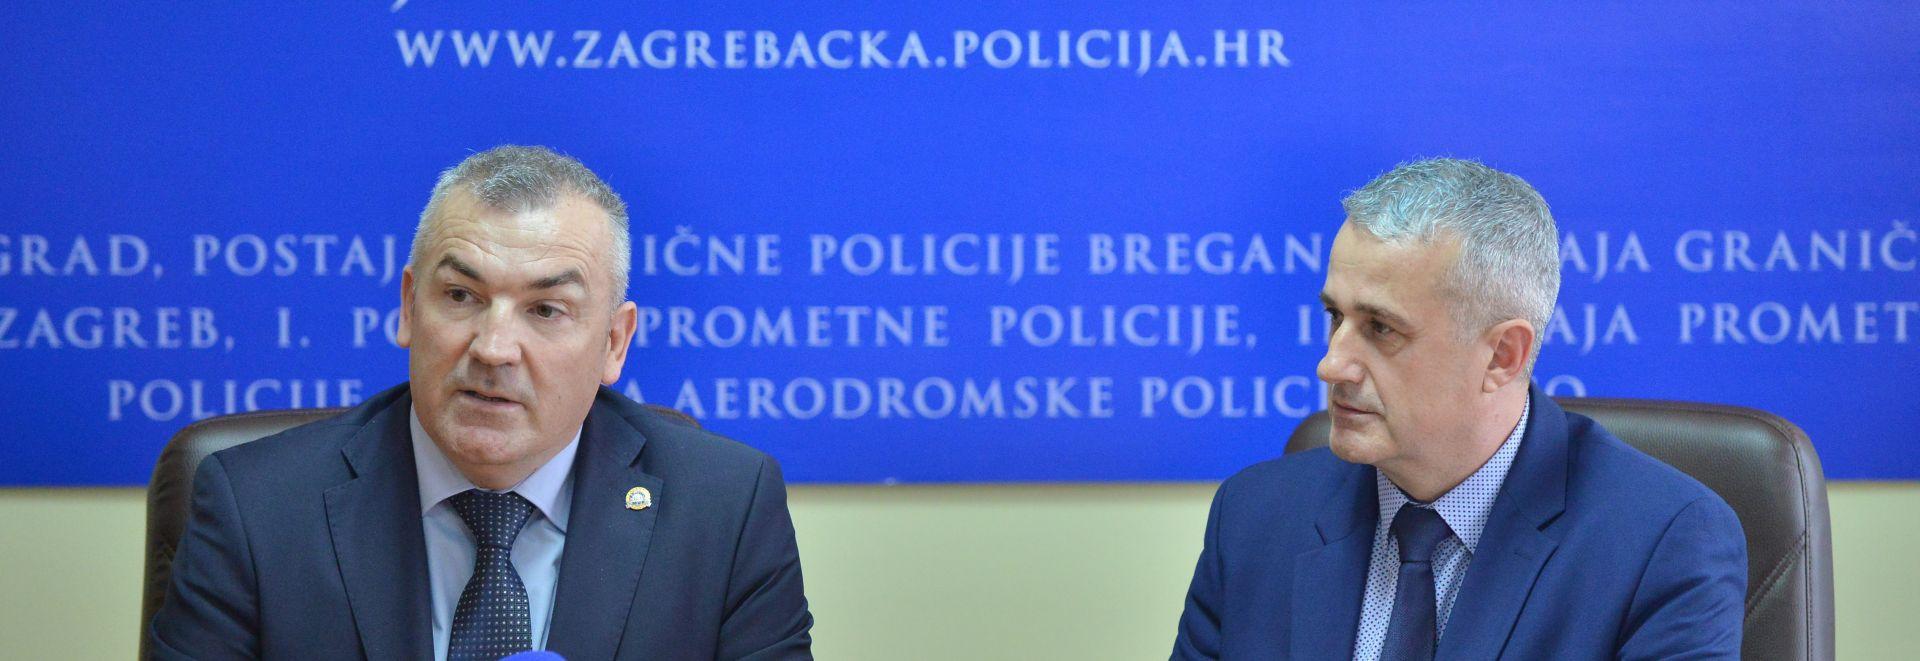 Novi načelnik zagrebačke policije želi iskorak u proaktivnom postupanju i prevenciji nedjela